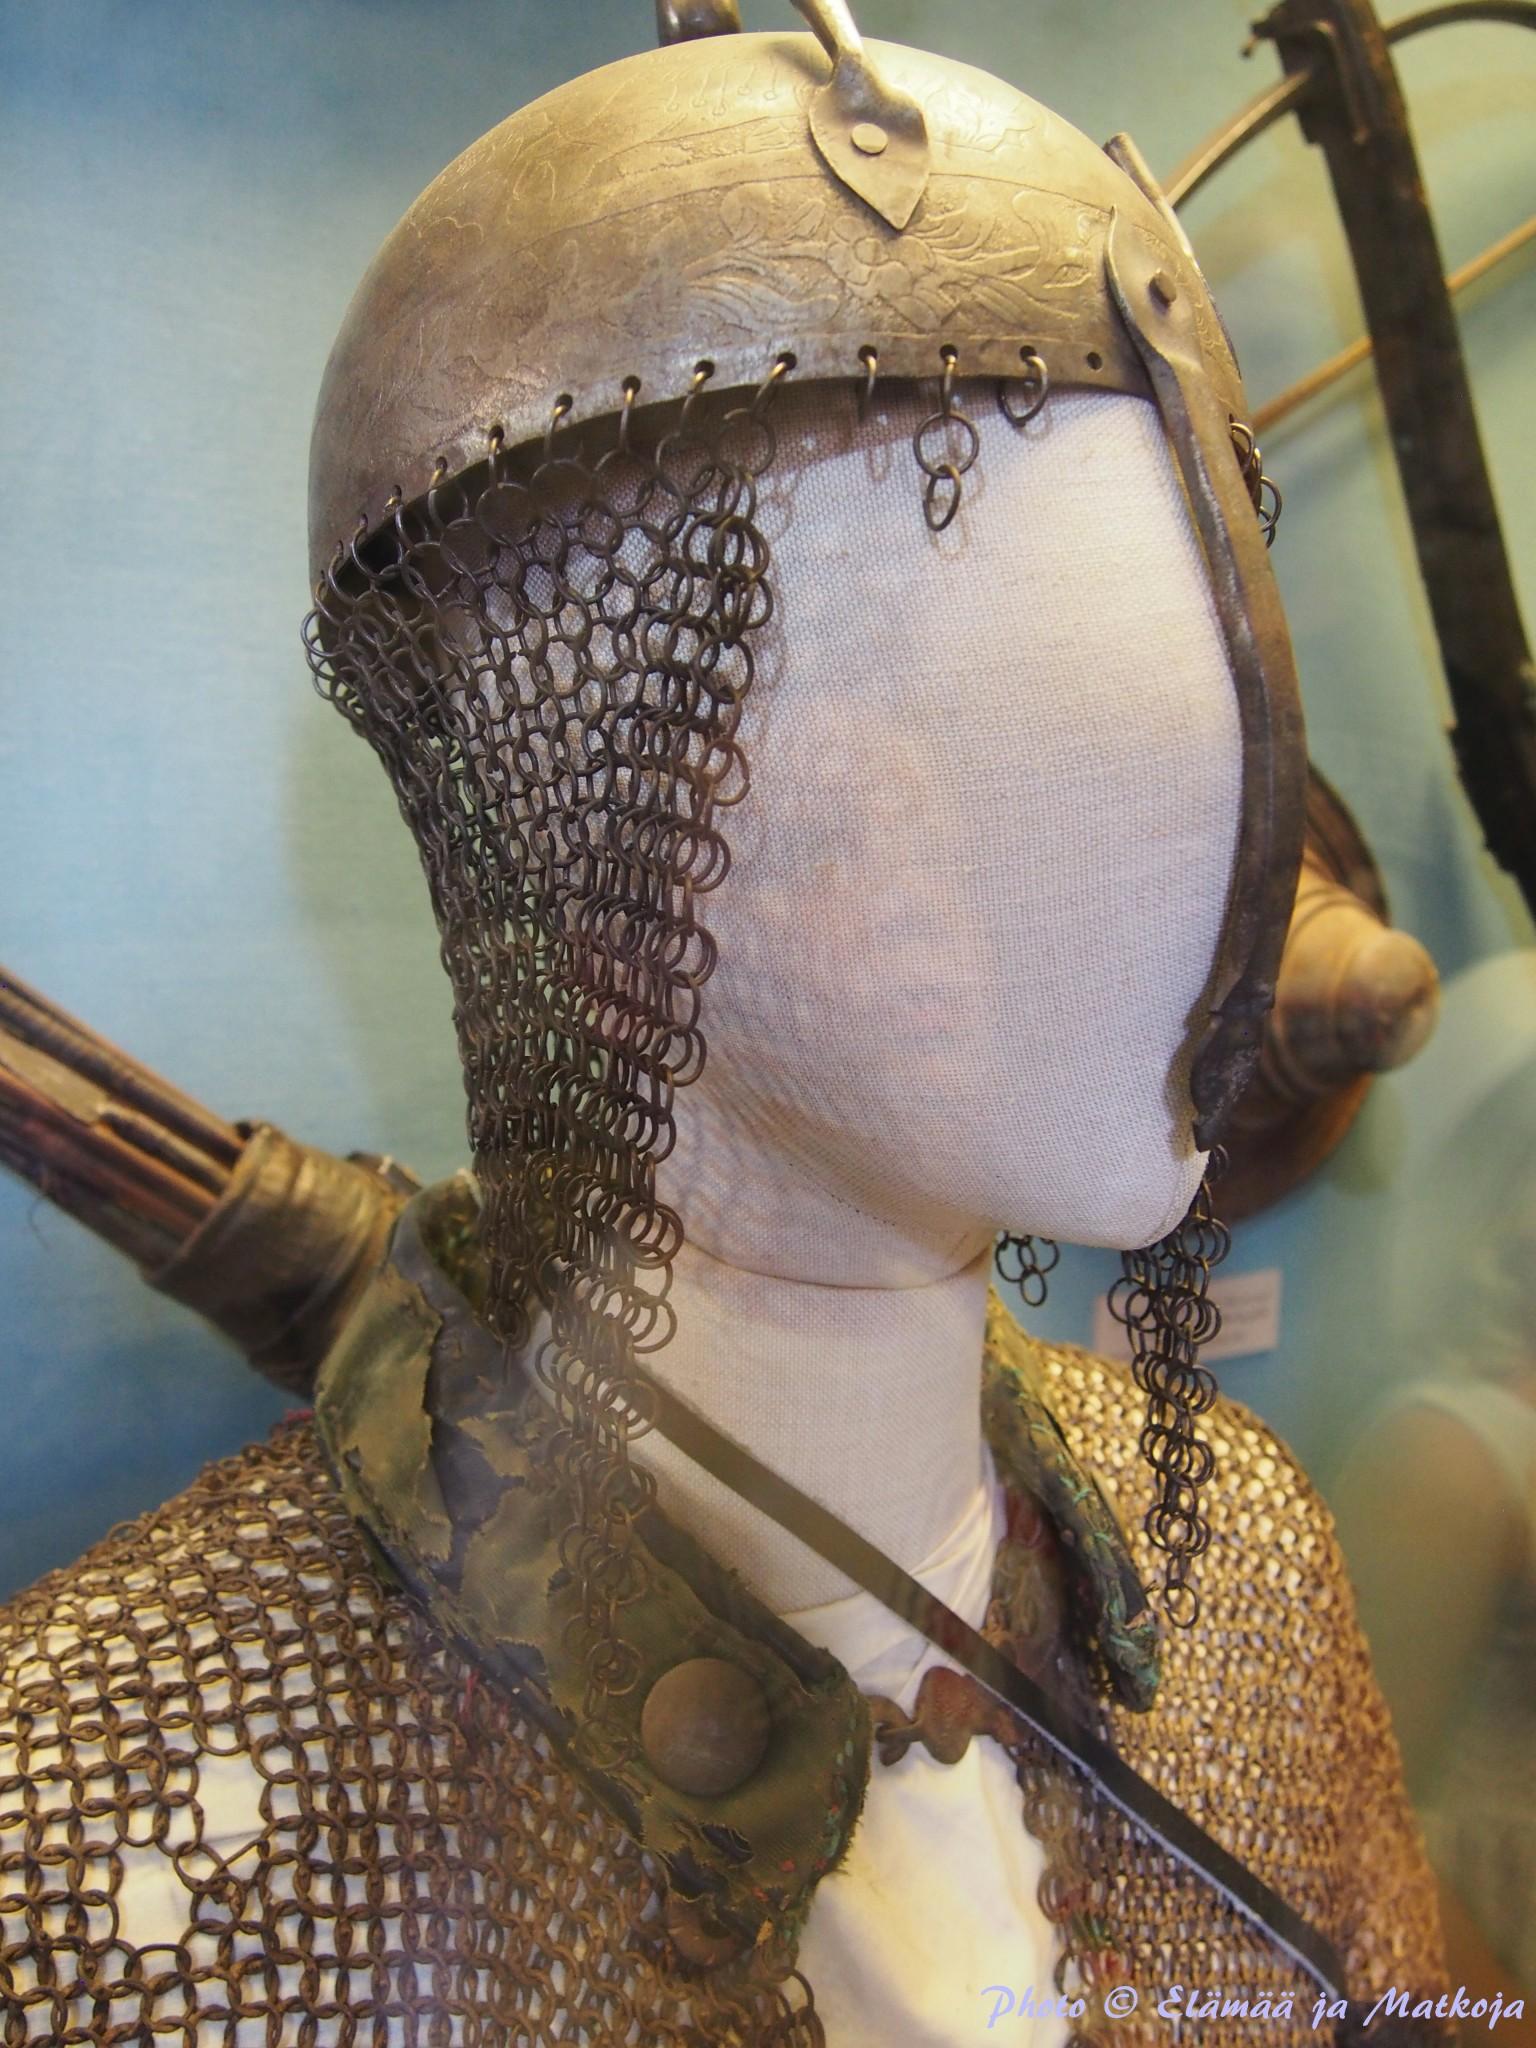 Dubai Museum 11 Photo © Elämää ja Matkoja